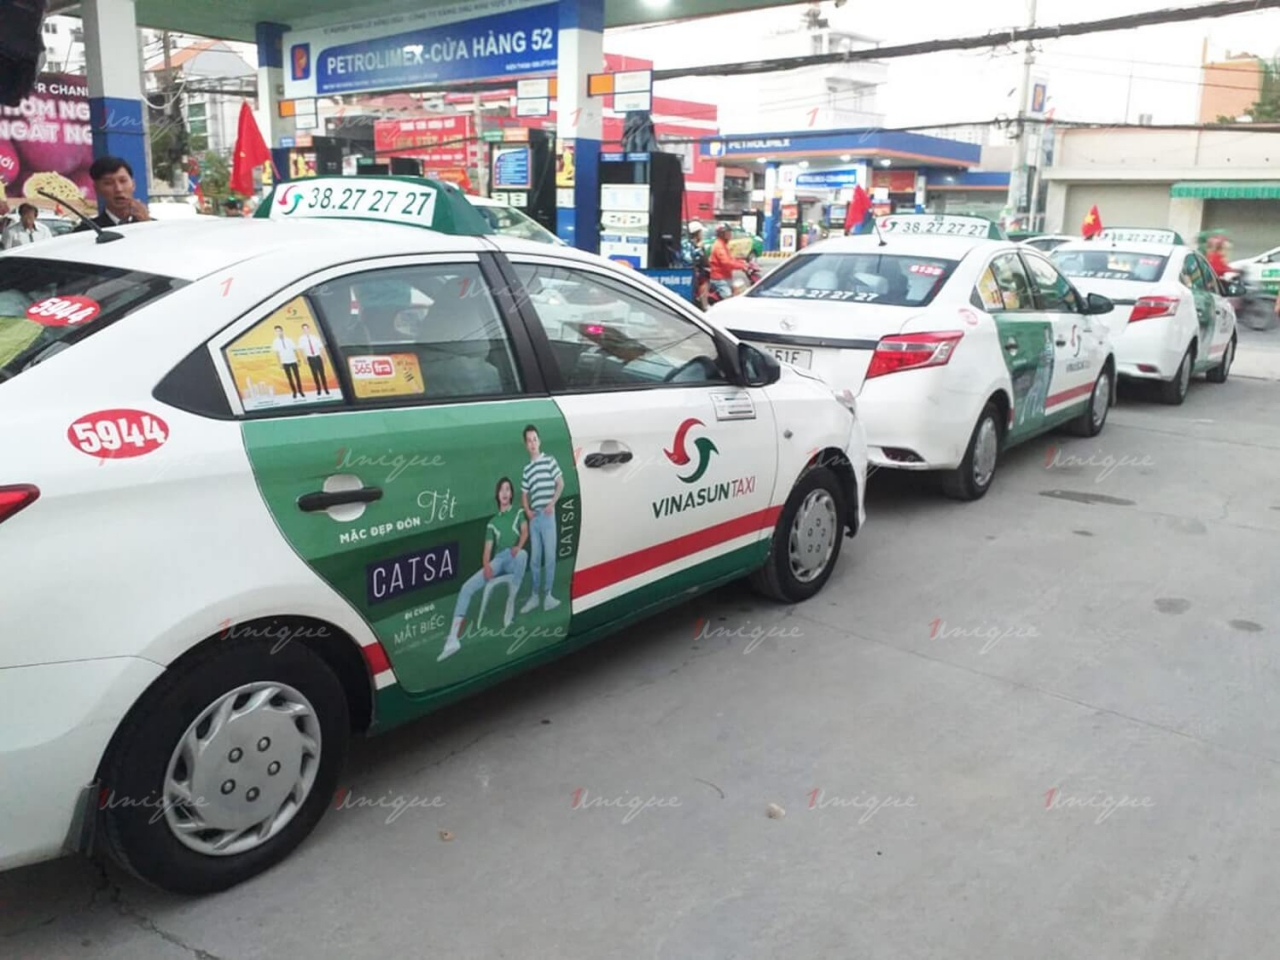 catsa quảng cáo trên xe taxi